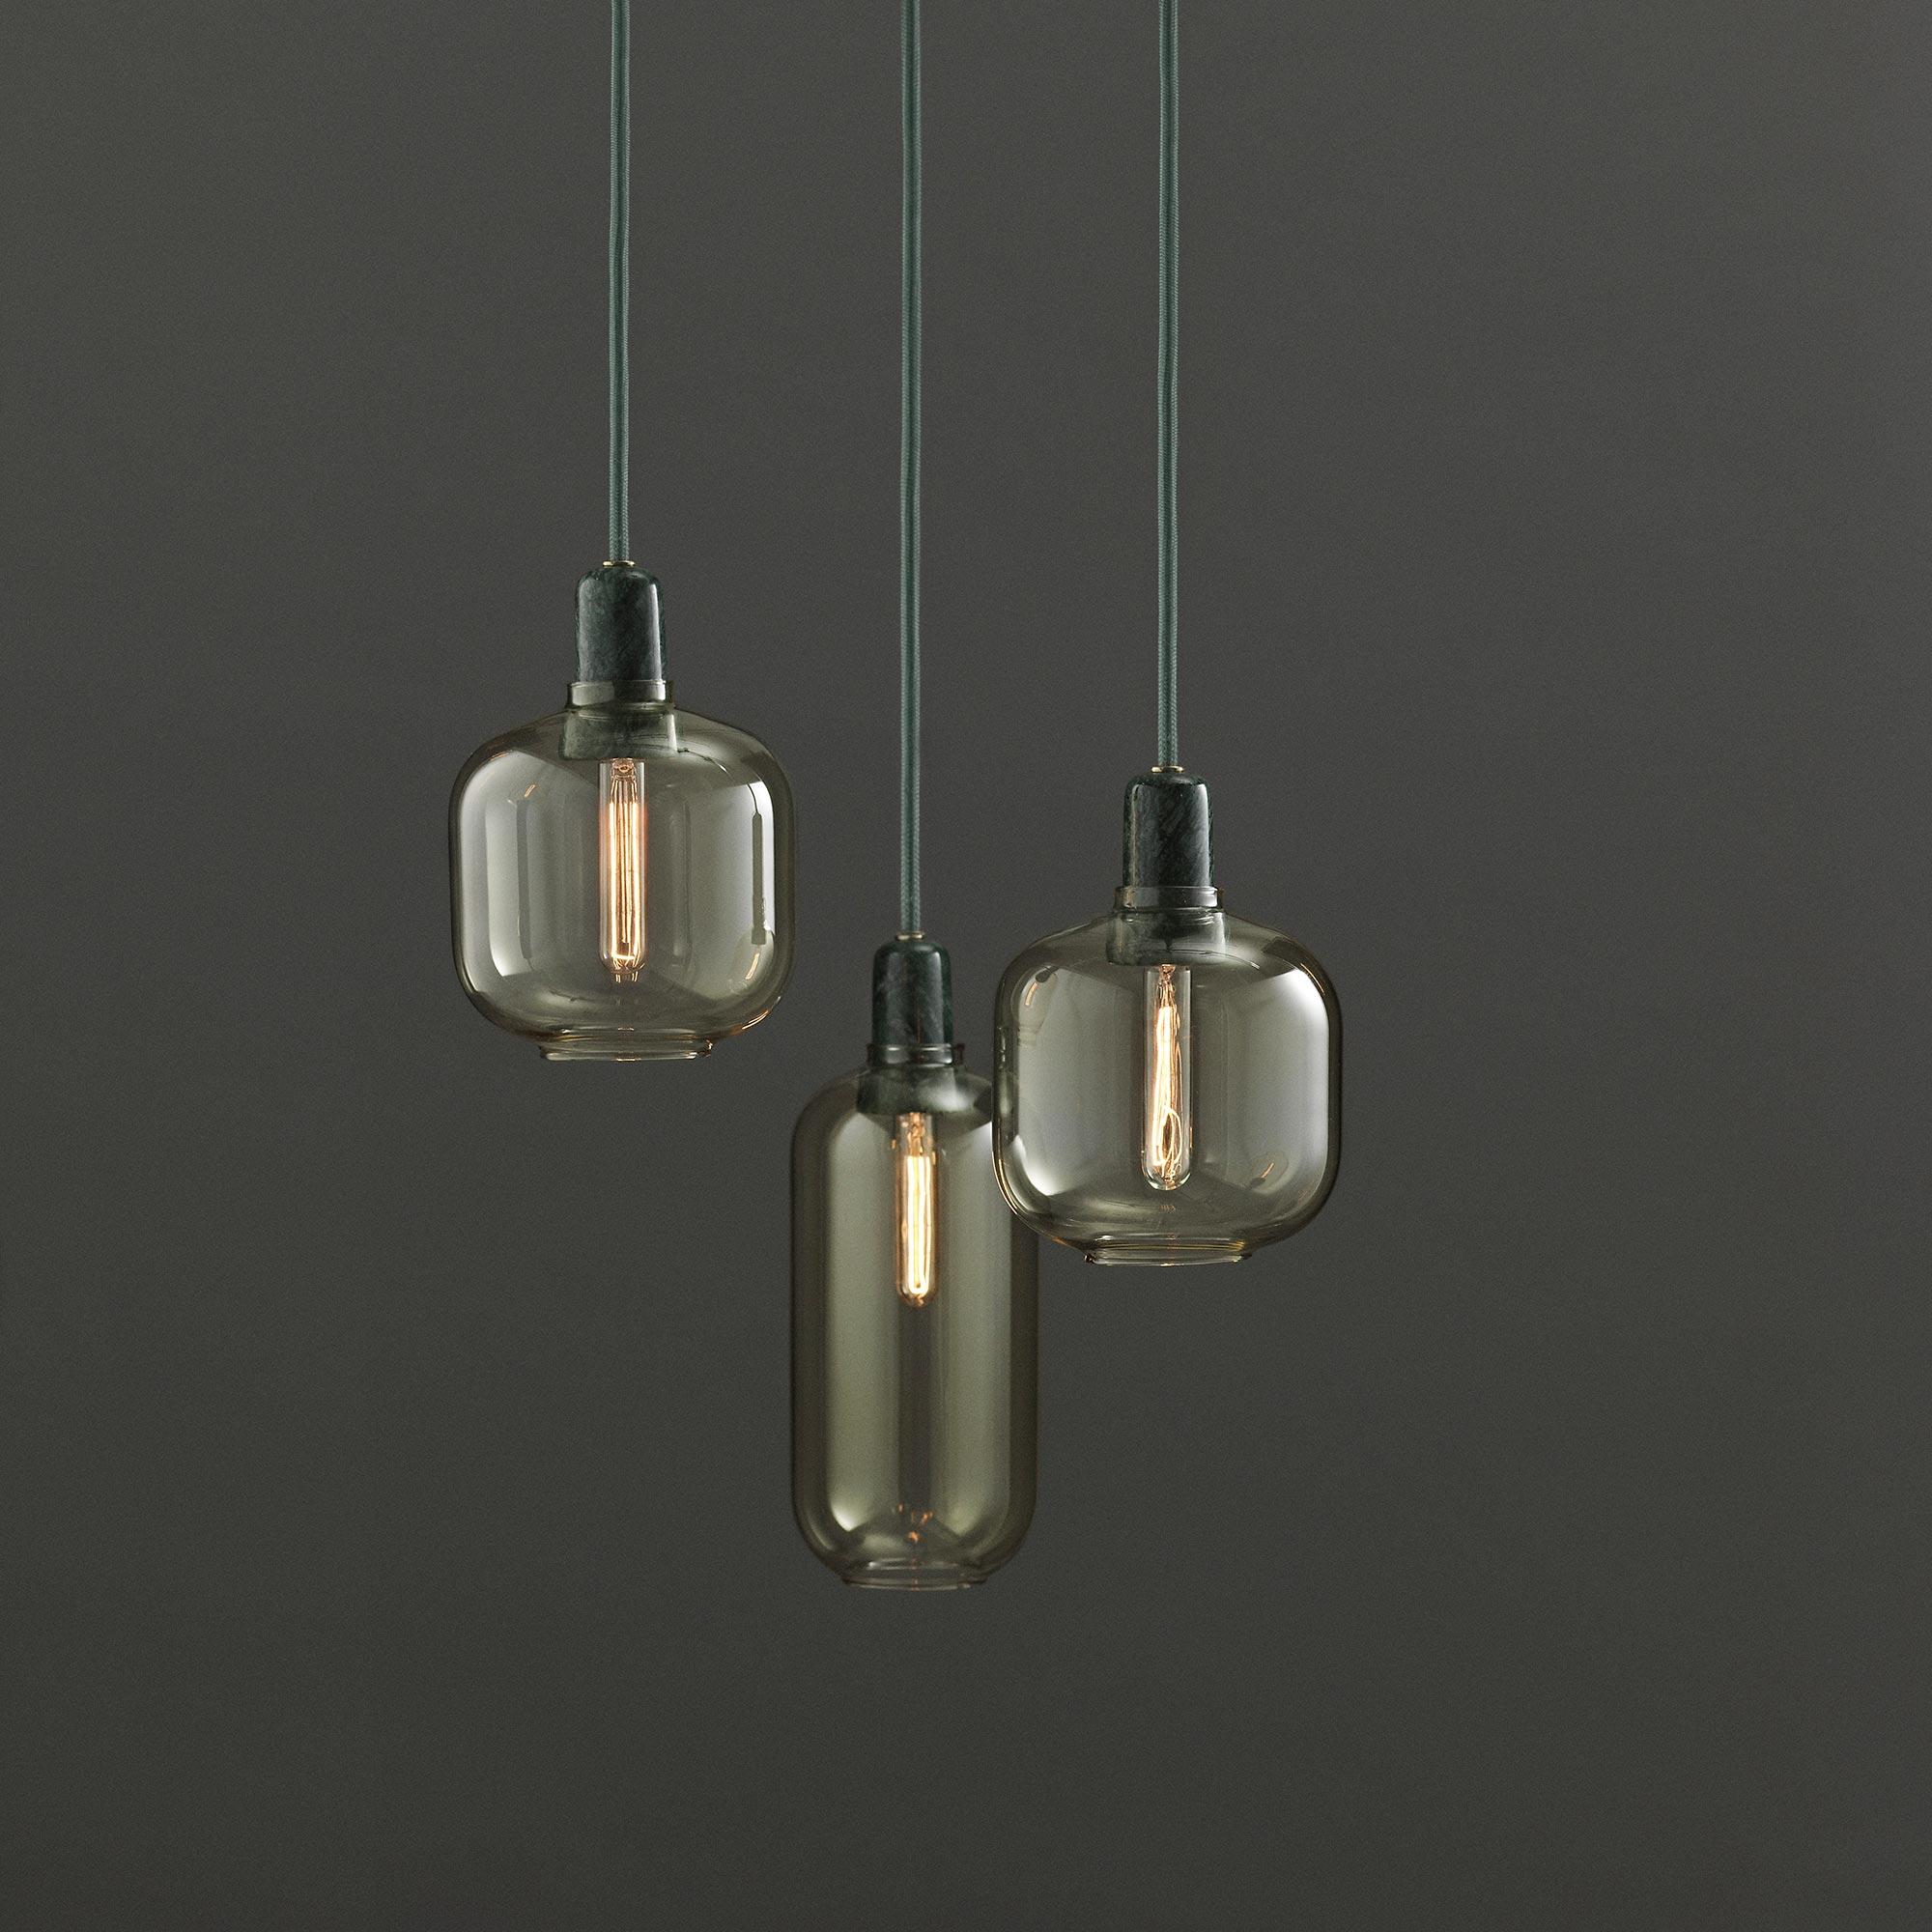 Normann Copenhagen Amp Lampe grün - Möbel Bär AG